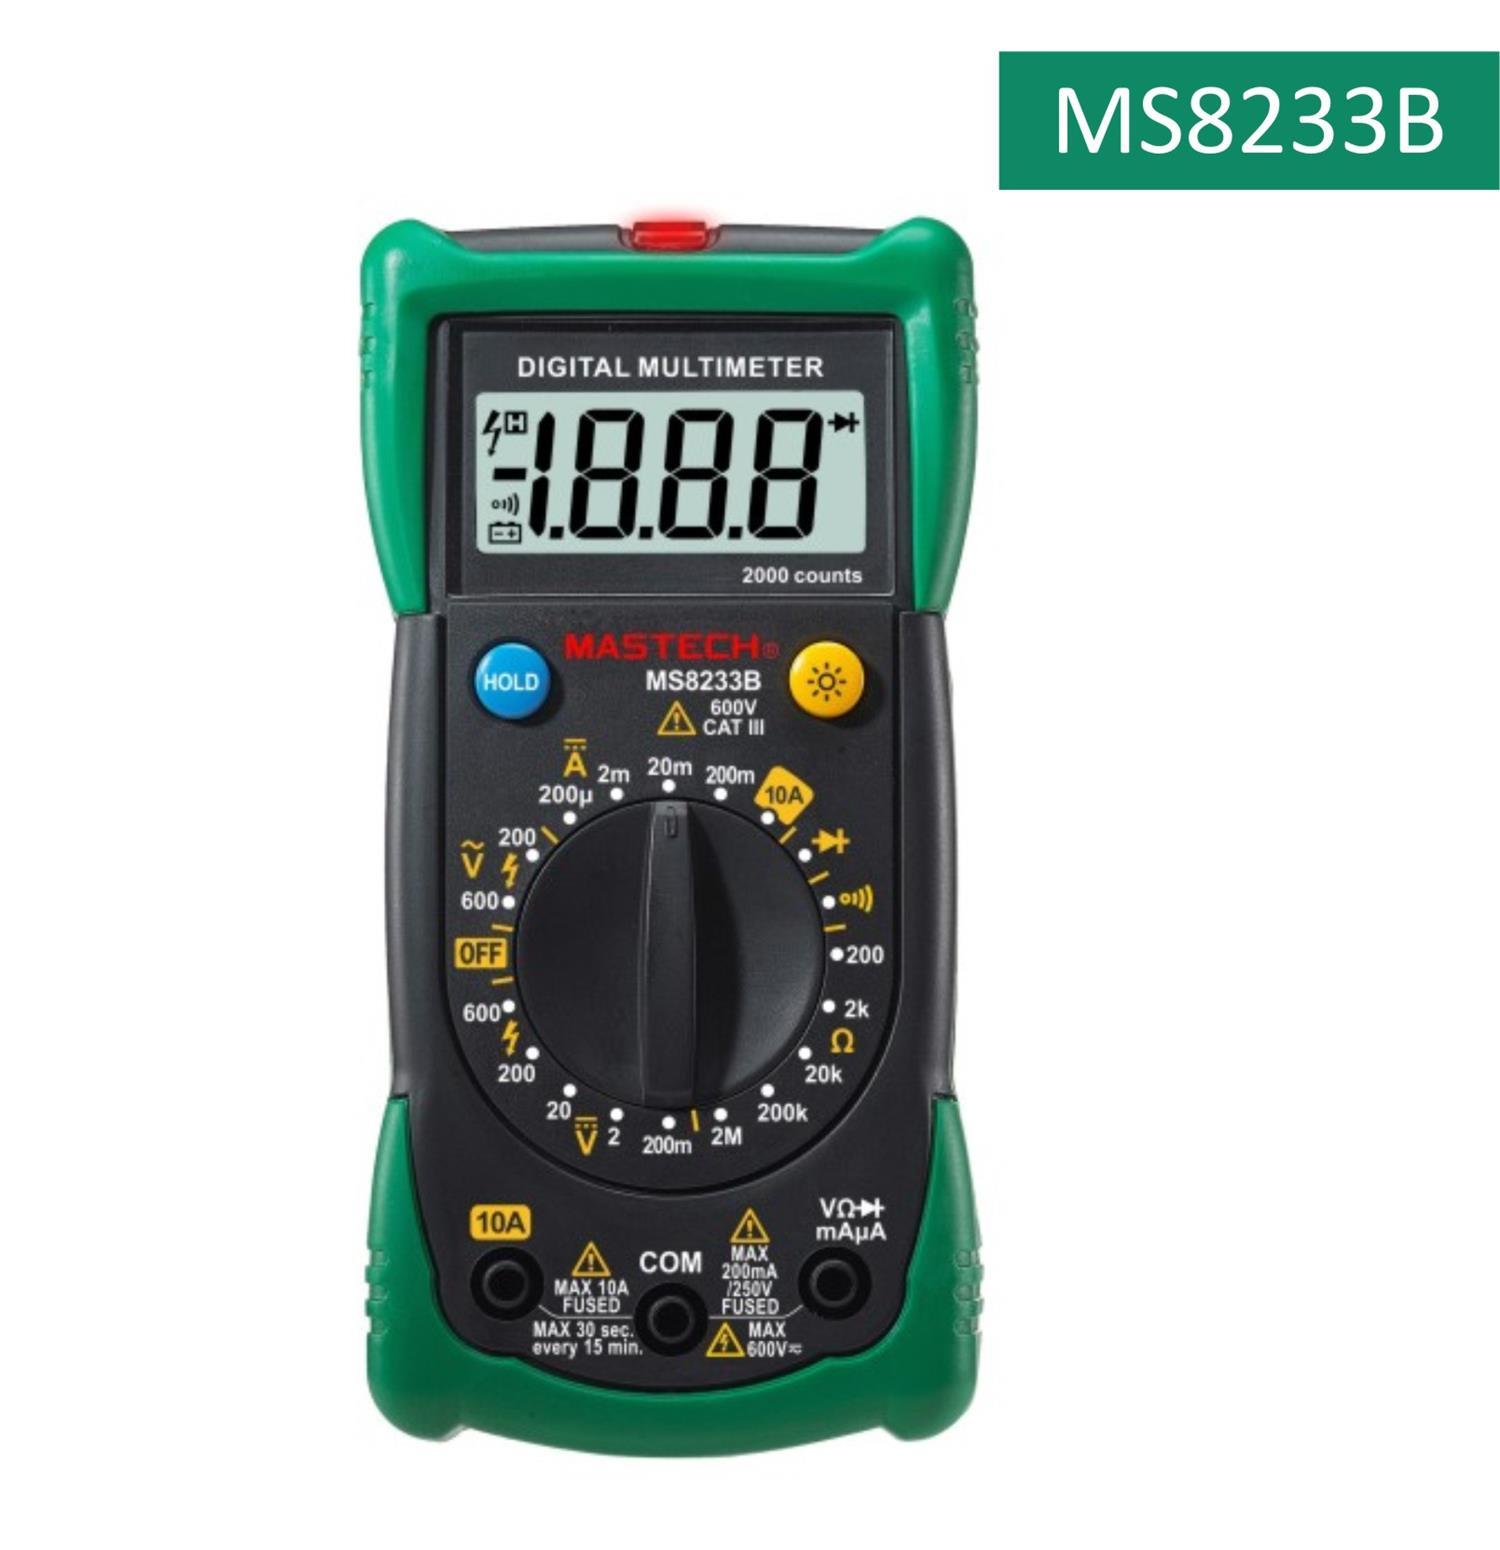 MS8233B